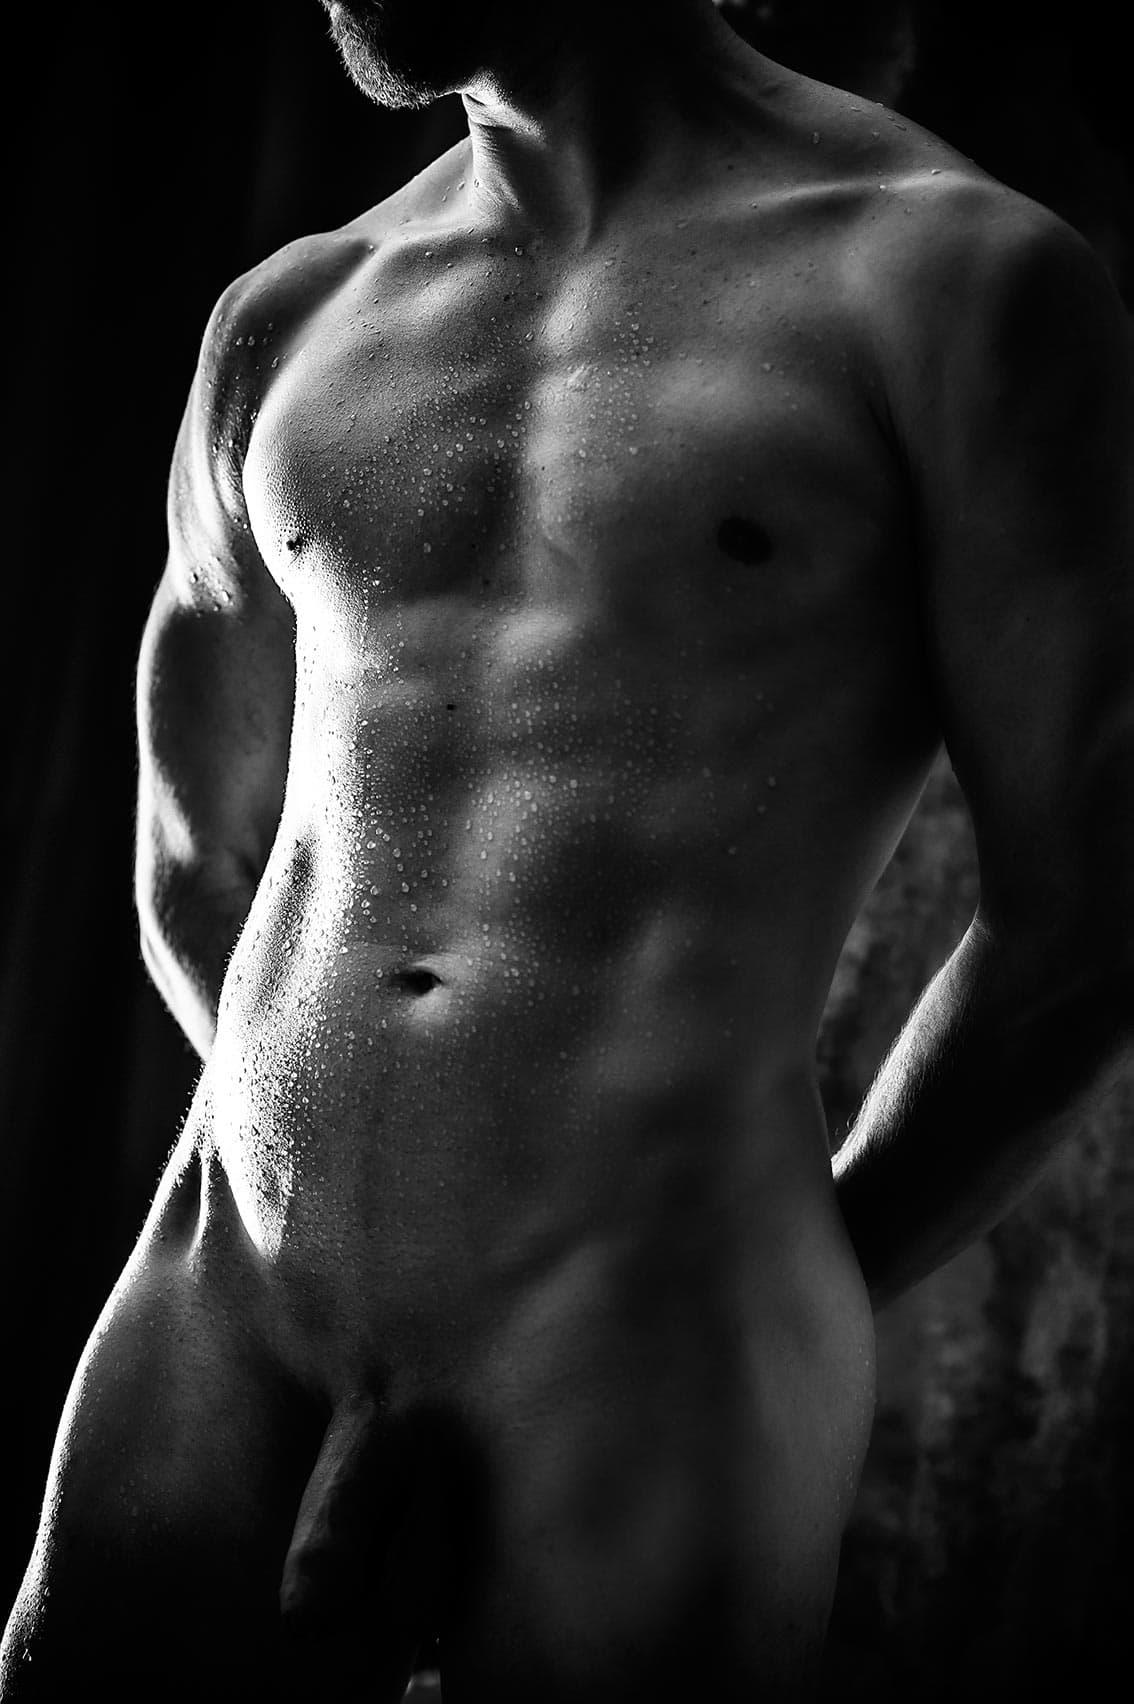 Männer nacktbilder Nacktbilder tauschen?